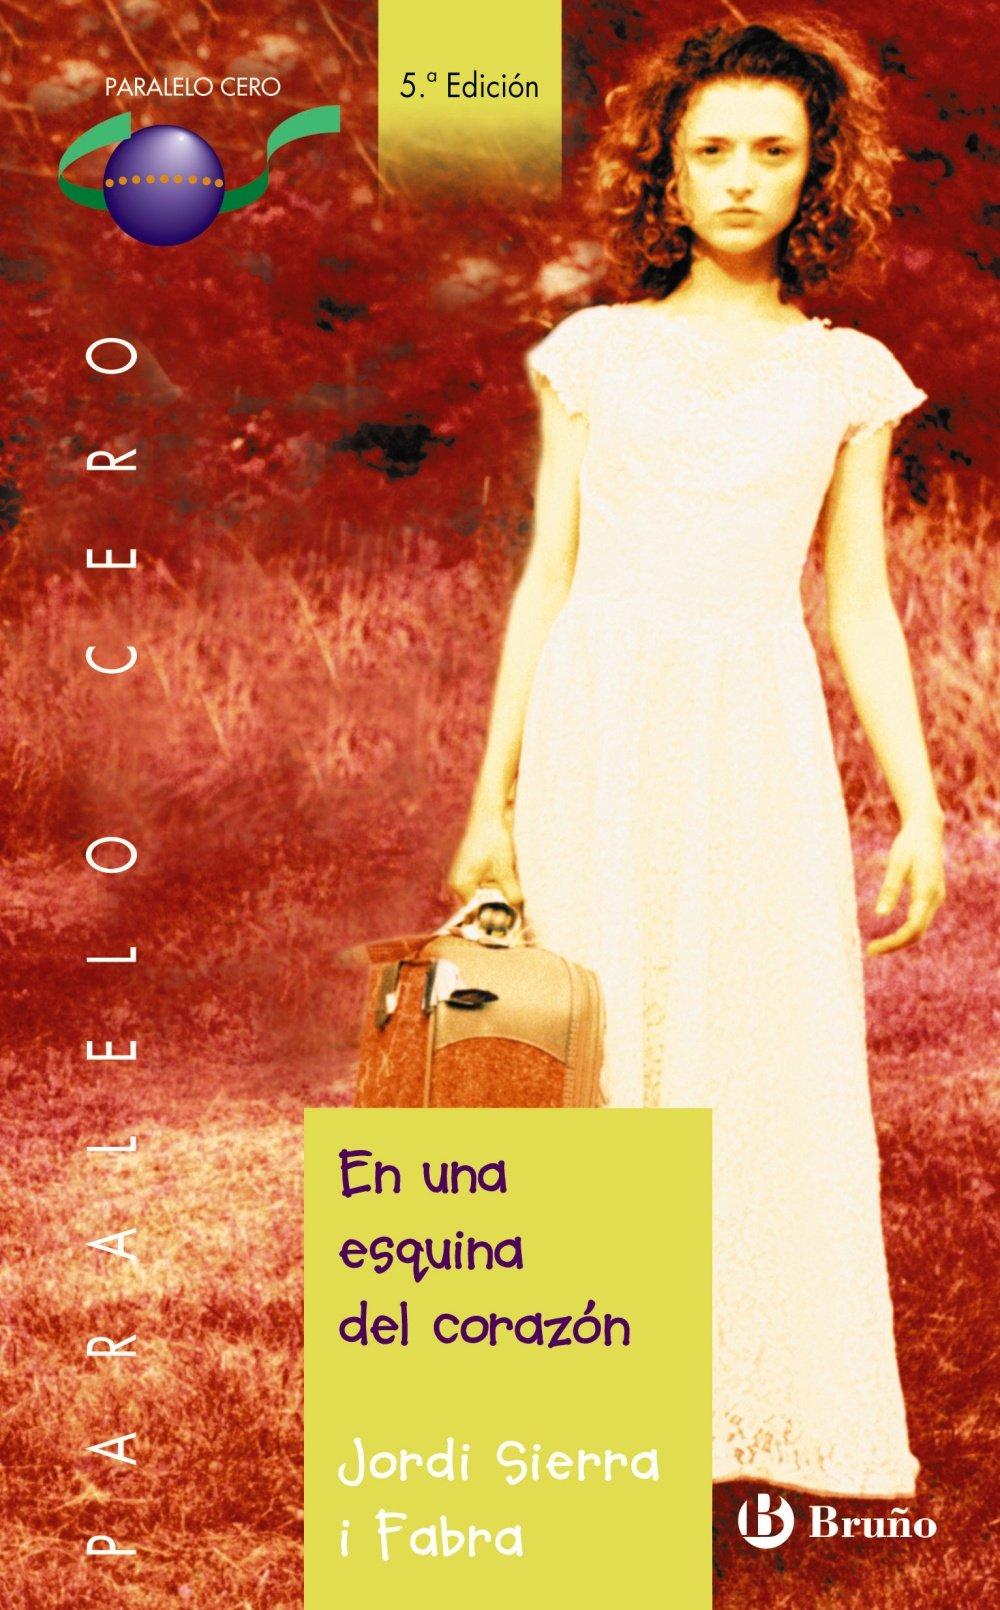 En una esquina del corazón Castellano - Juvenil - Paralelo Cero: Amazon.es: Jordi Sierra i Fabra: Libros